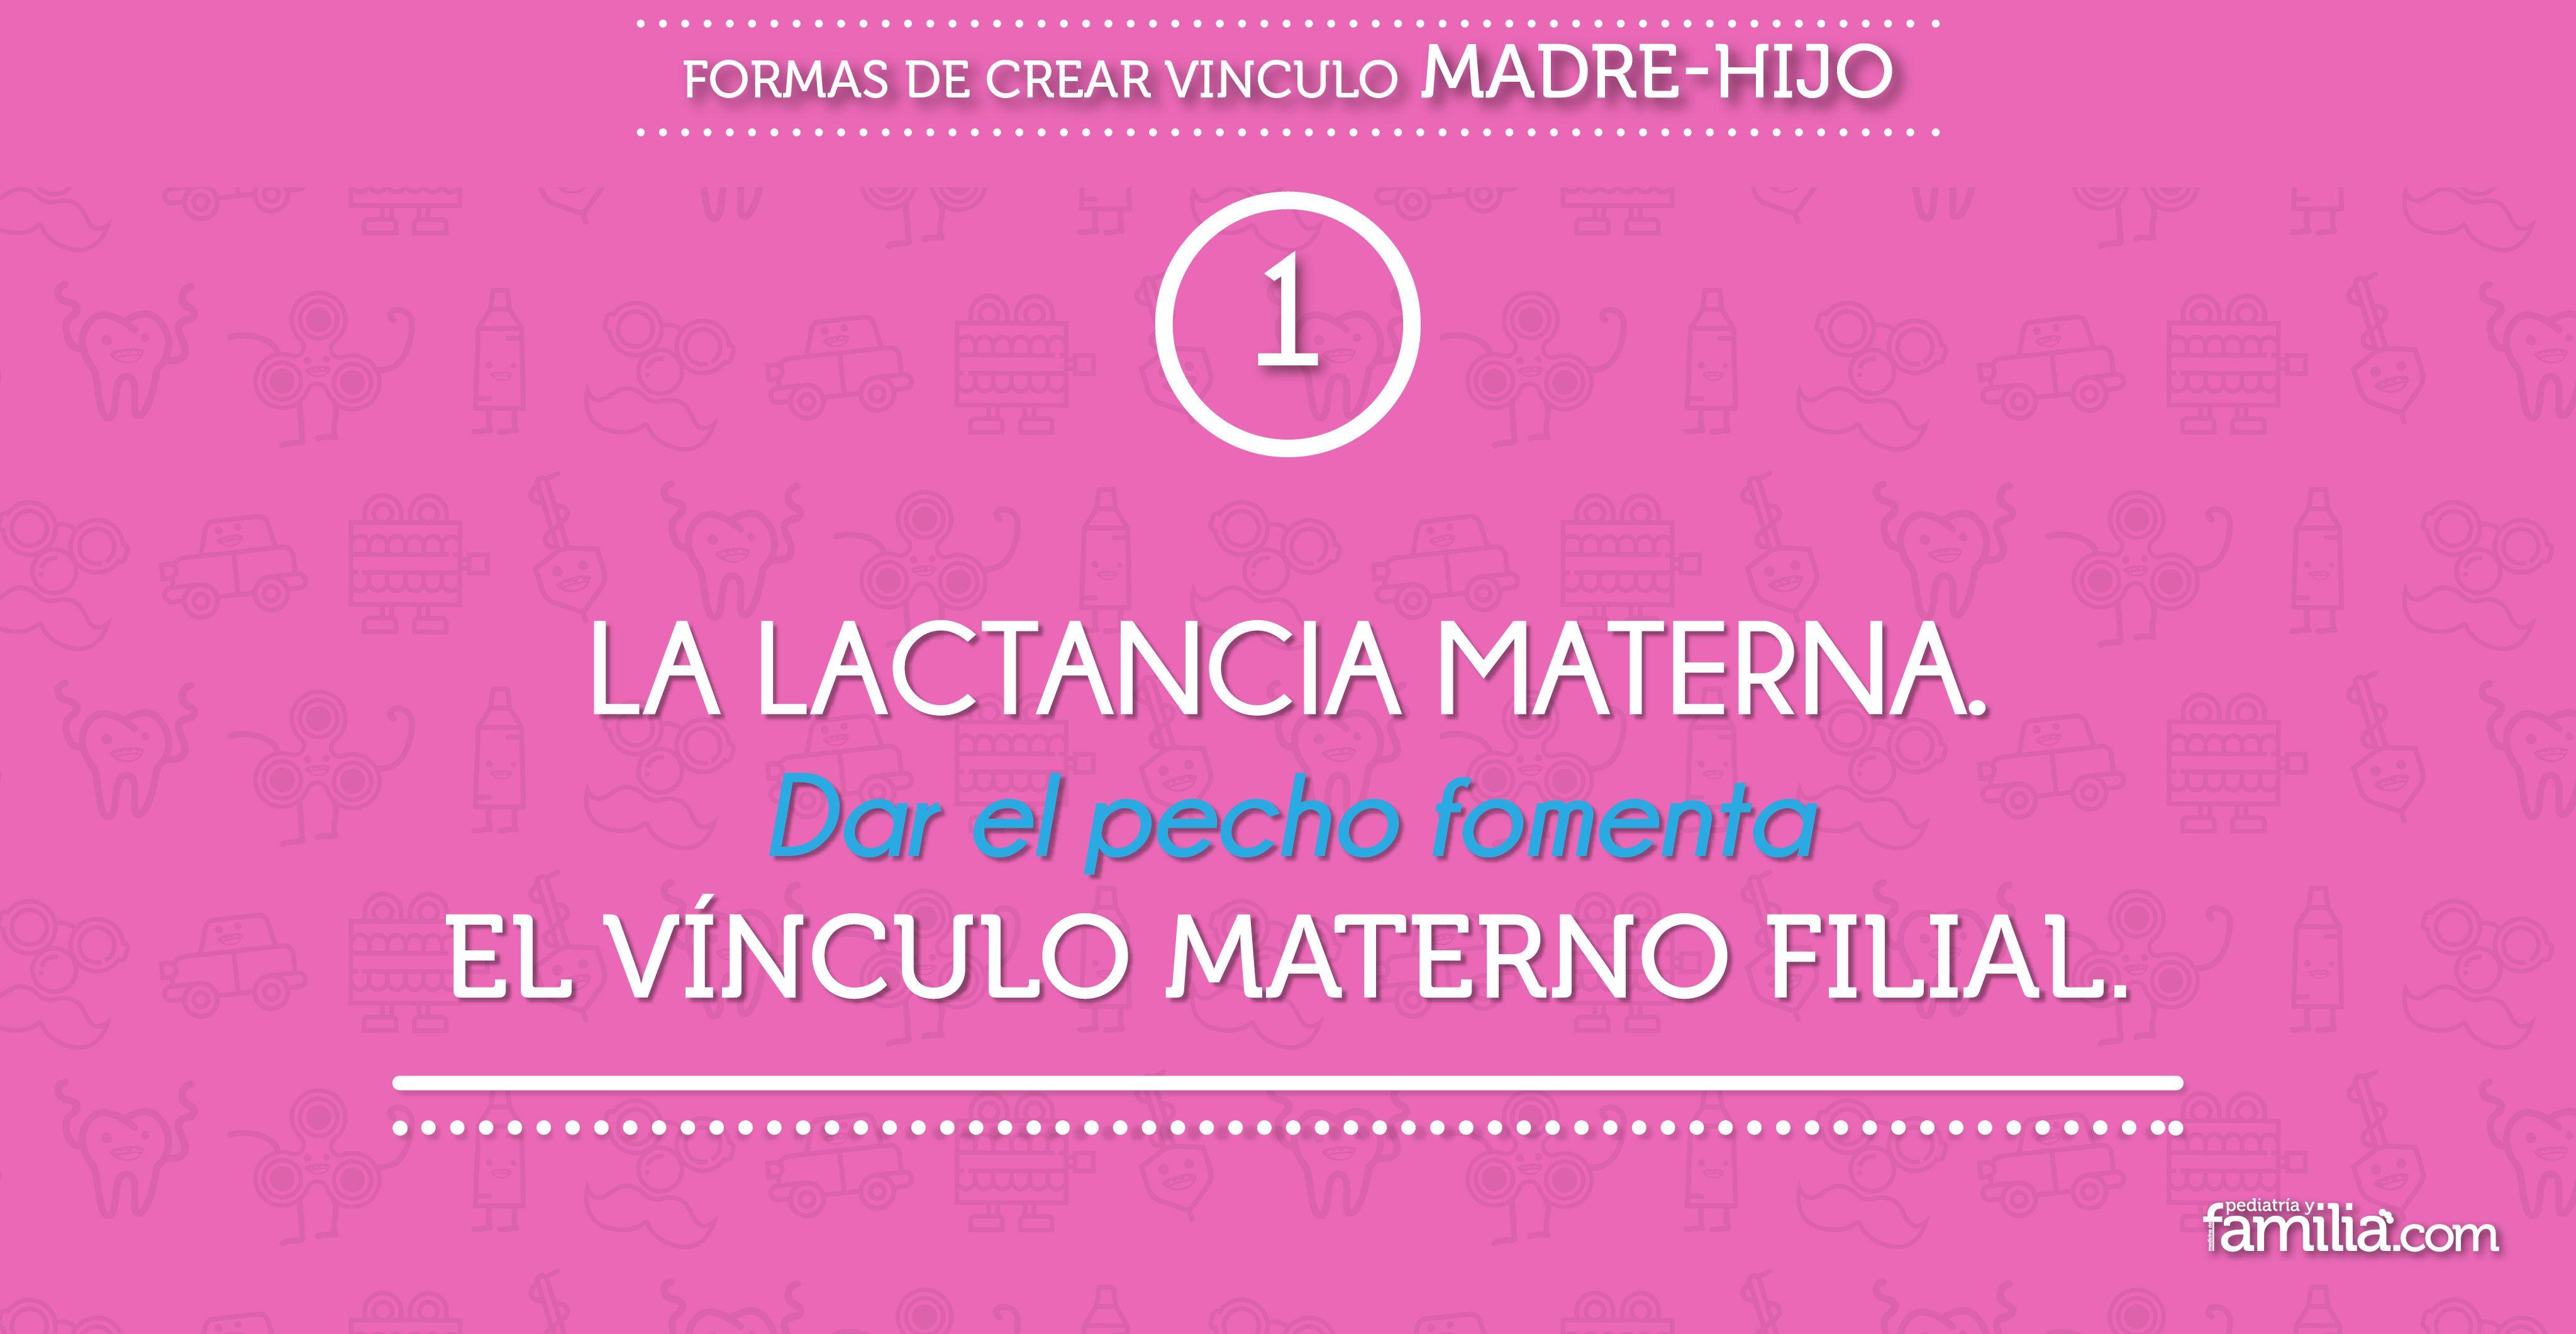 Pin by Pediatria y Familia on Formas de crear vinculo madrehijo